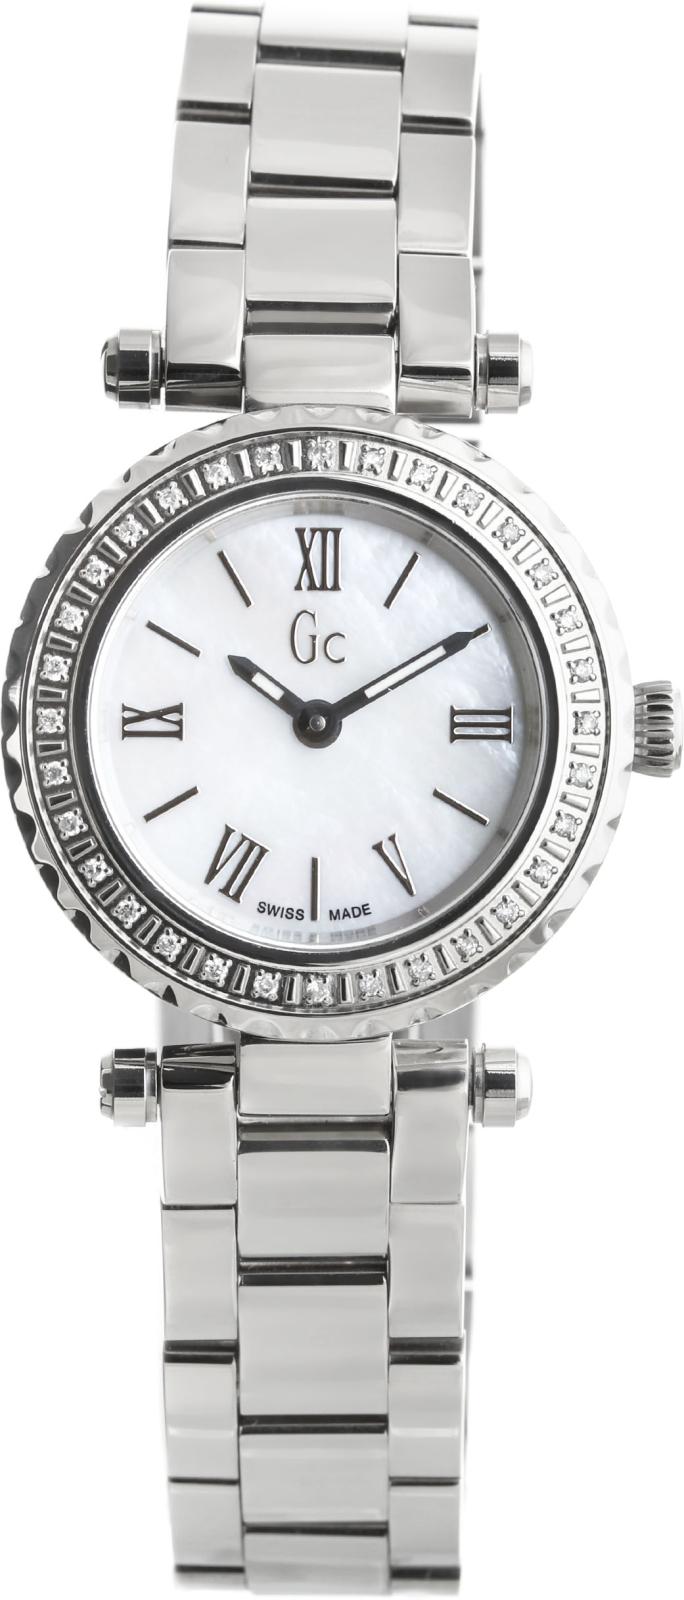 Gc Precious  X70105L1SНаручные часы<br>Швейцарские часы Gc Precious X70105L1SДанная модель входит в коллекцию Precious . Это стильные женские часы. Материал корпуса часов — сталь. Стекло - сапфировое. Водозащита этих часов 100 м.<br><br>Пол: Женские<br>Страна-производитель: Швейцария<br>Механизм: Кварцевый<br>Материал корпуса: Сталь<br>Материал ремня/браслета: Сталь<br>Водозащита, диапазон: 100 - 150 м<br>Стекло: Сапфировое<br>Толщина корпуса: None<br>Стиль: None